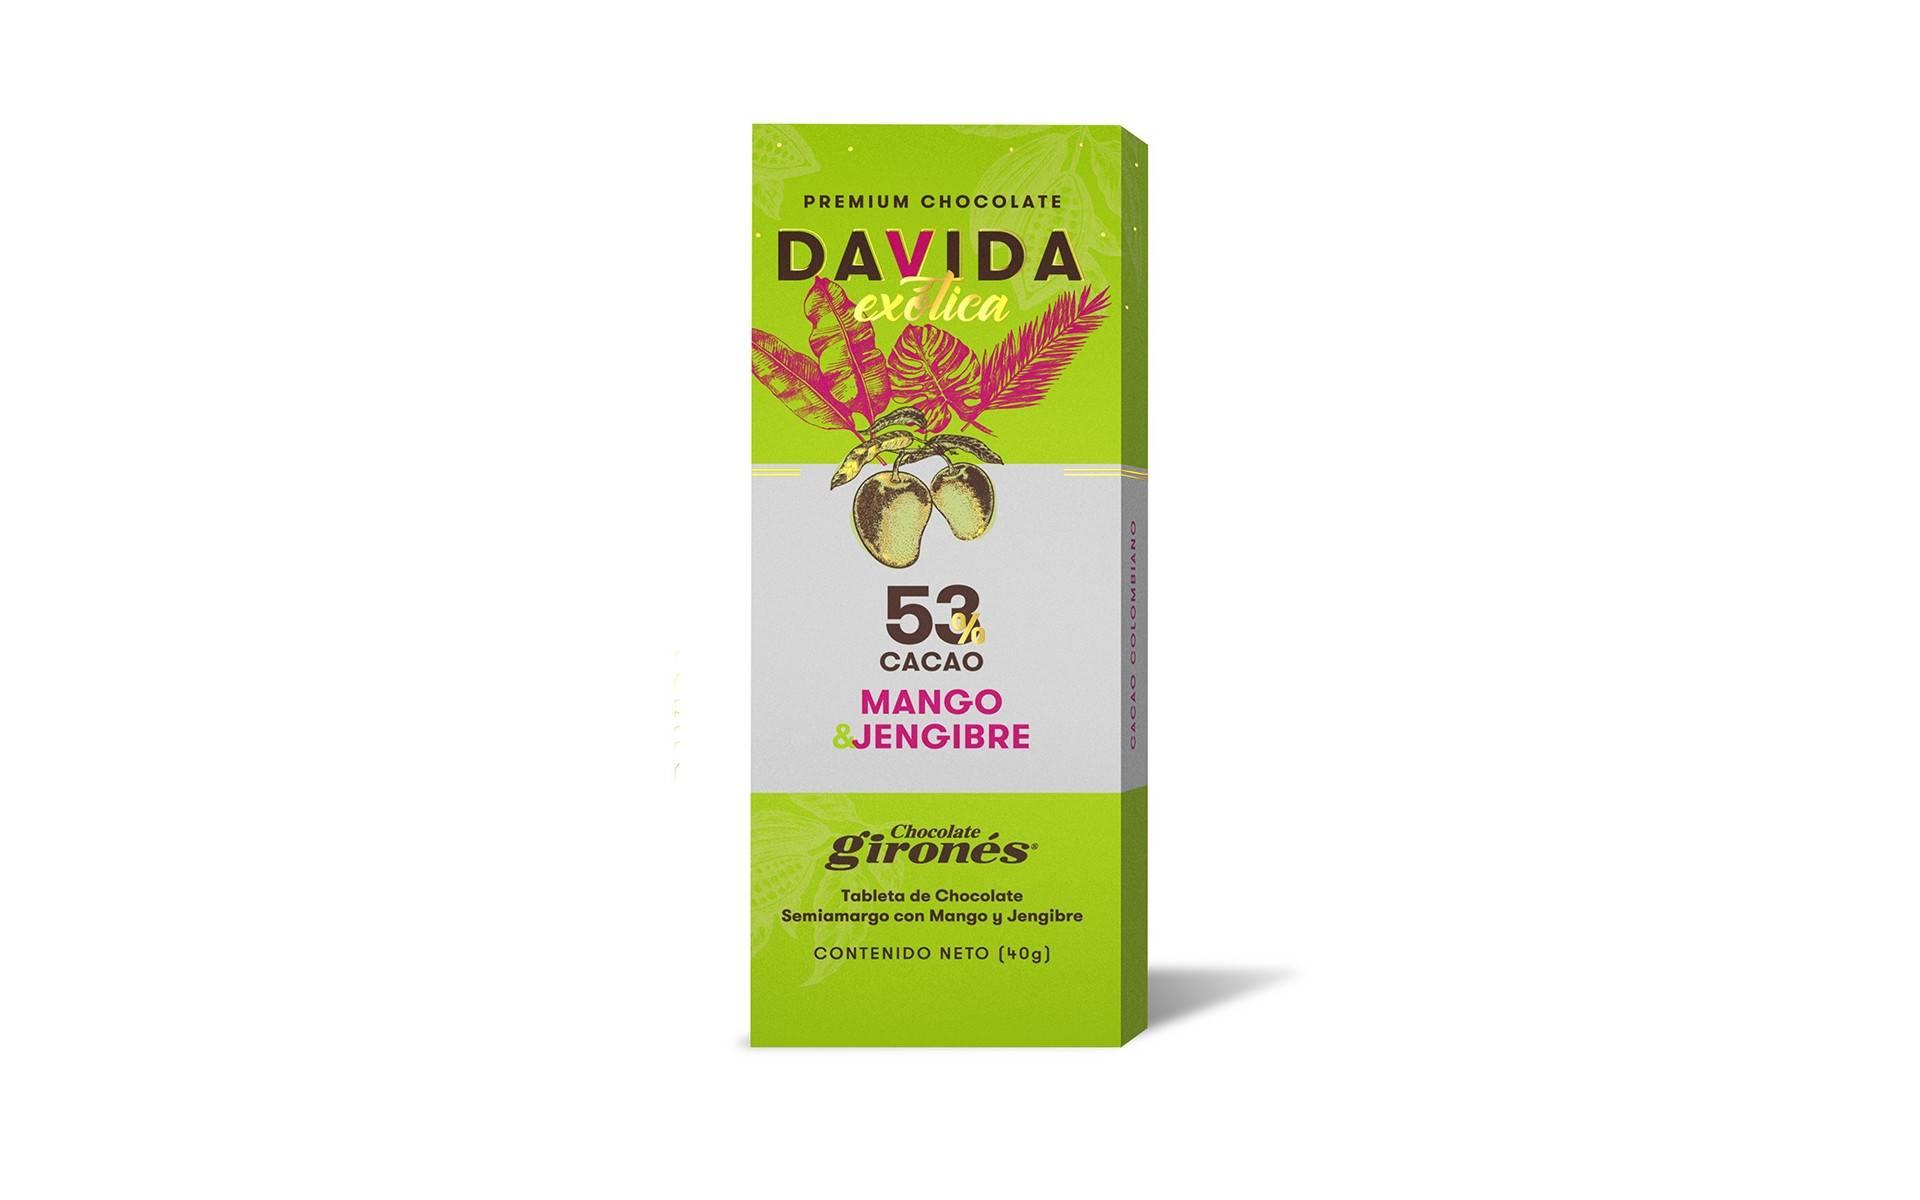 Barra Mango y Jengibre 53% cacao DAVIDA